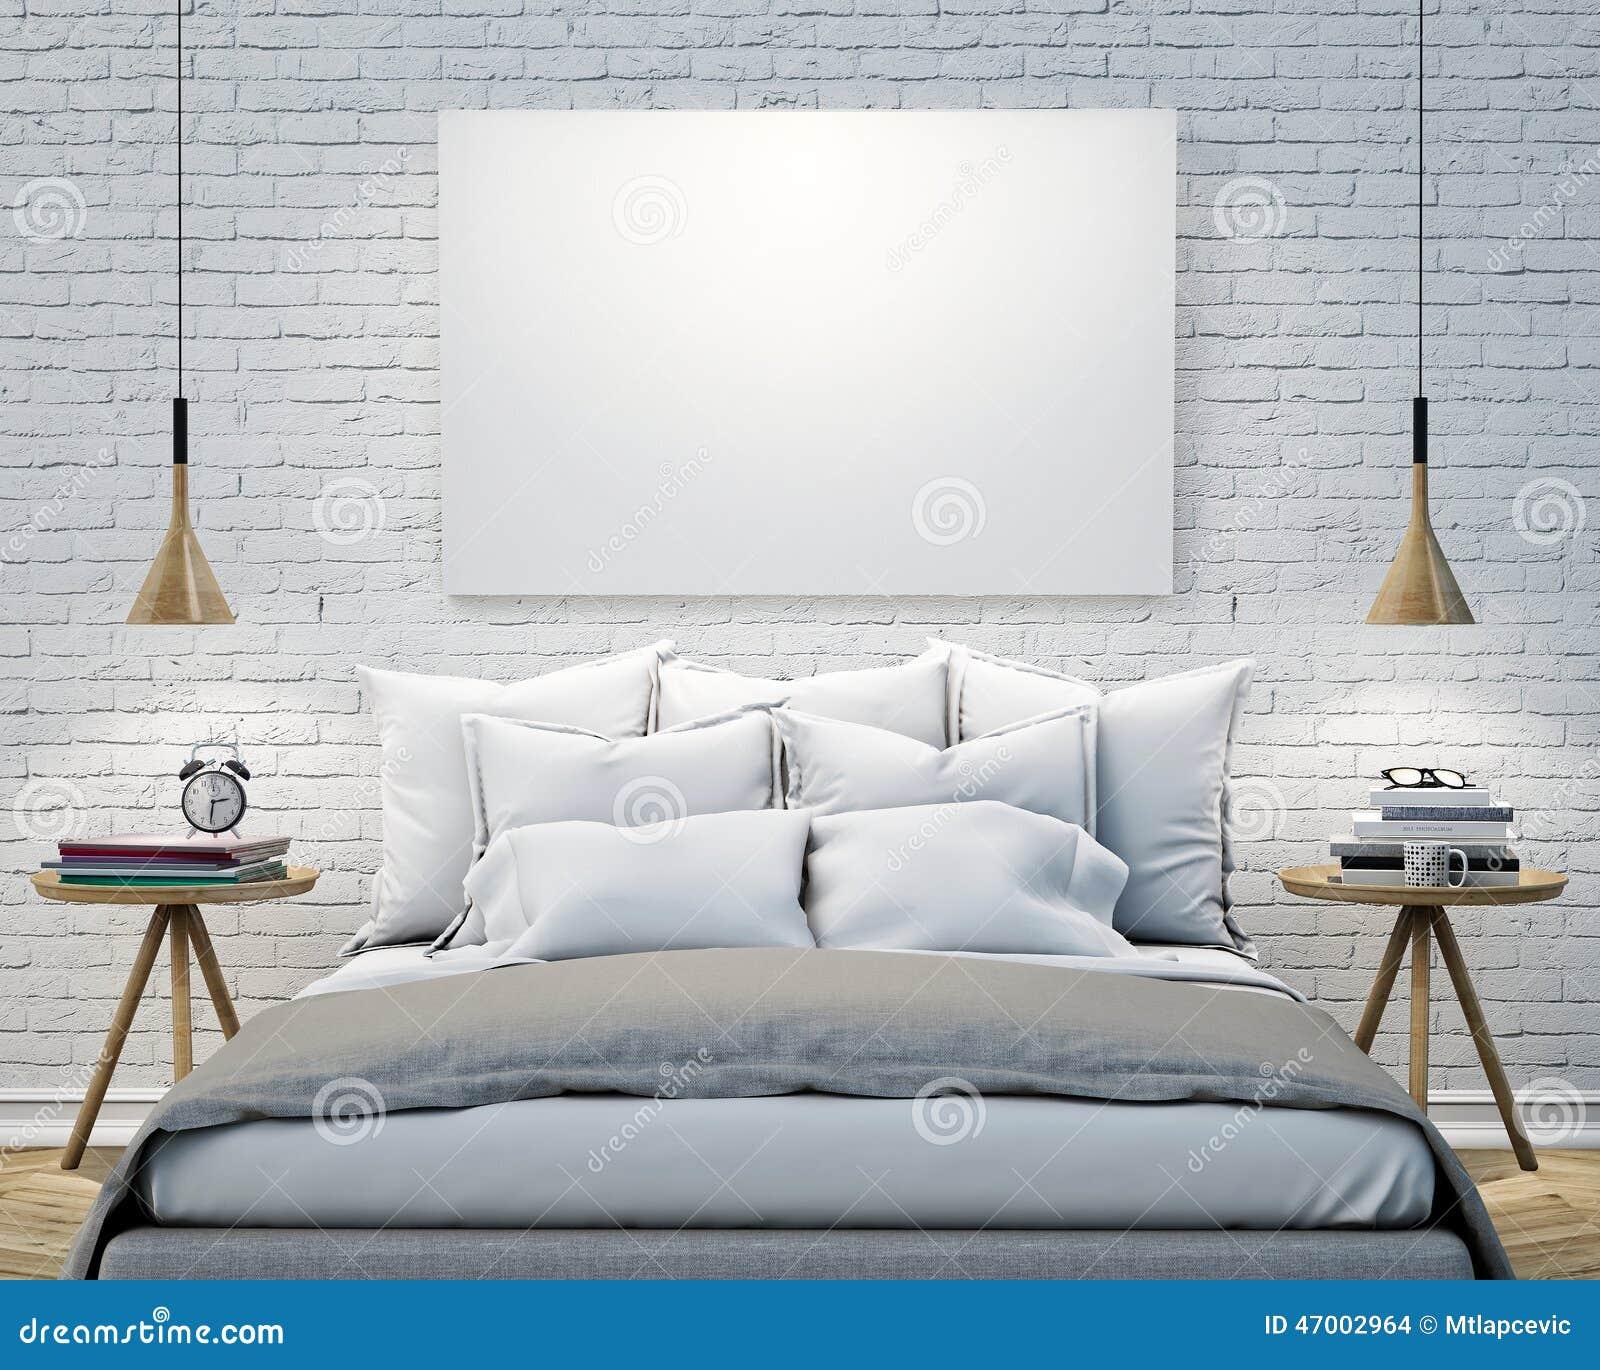 Loft Bedroom Interior Design